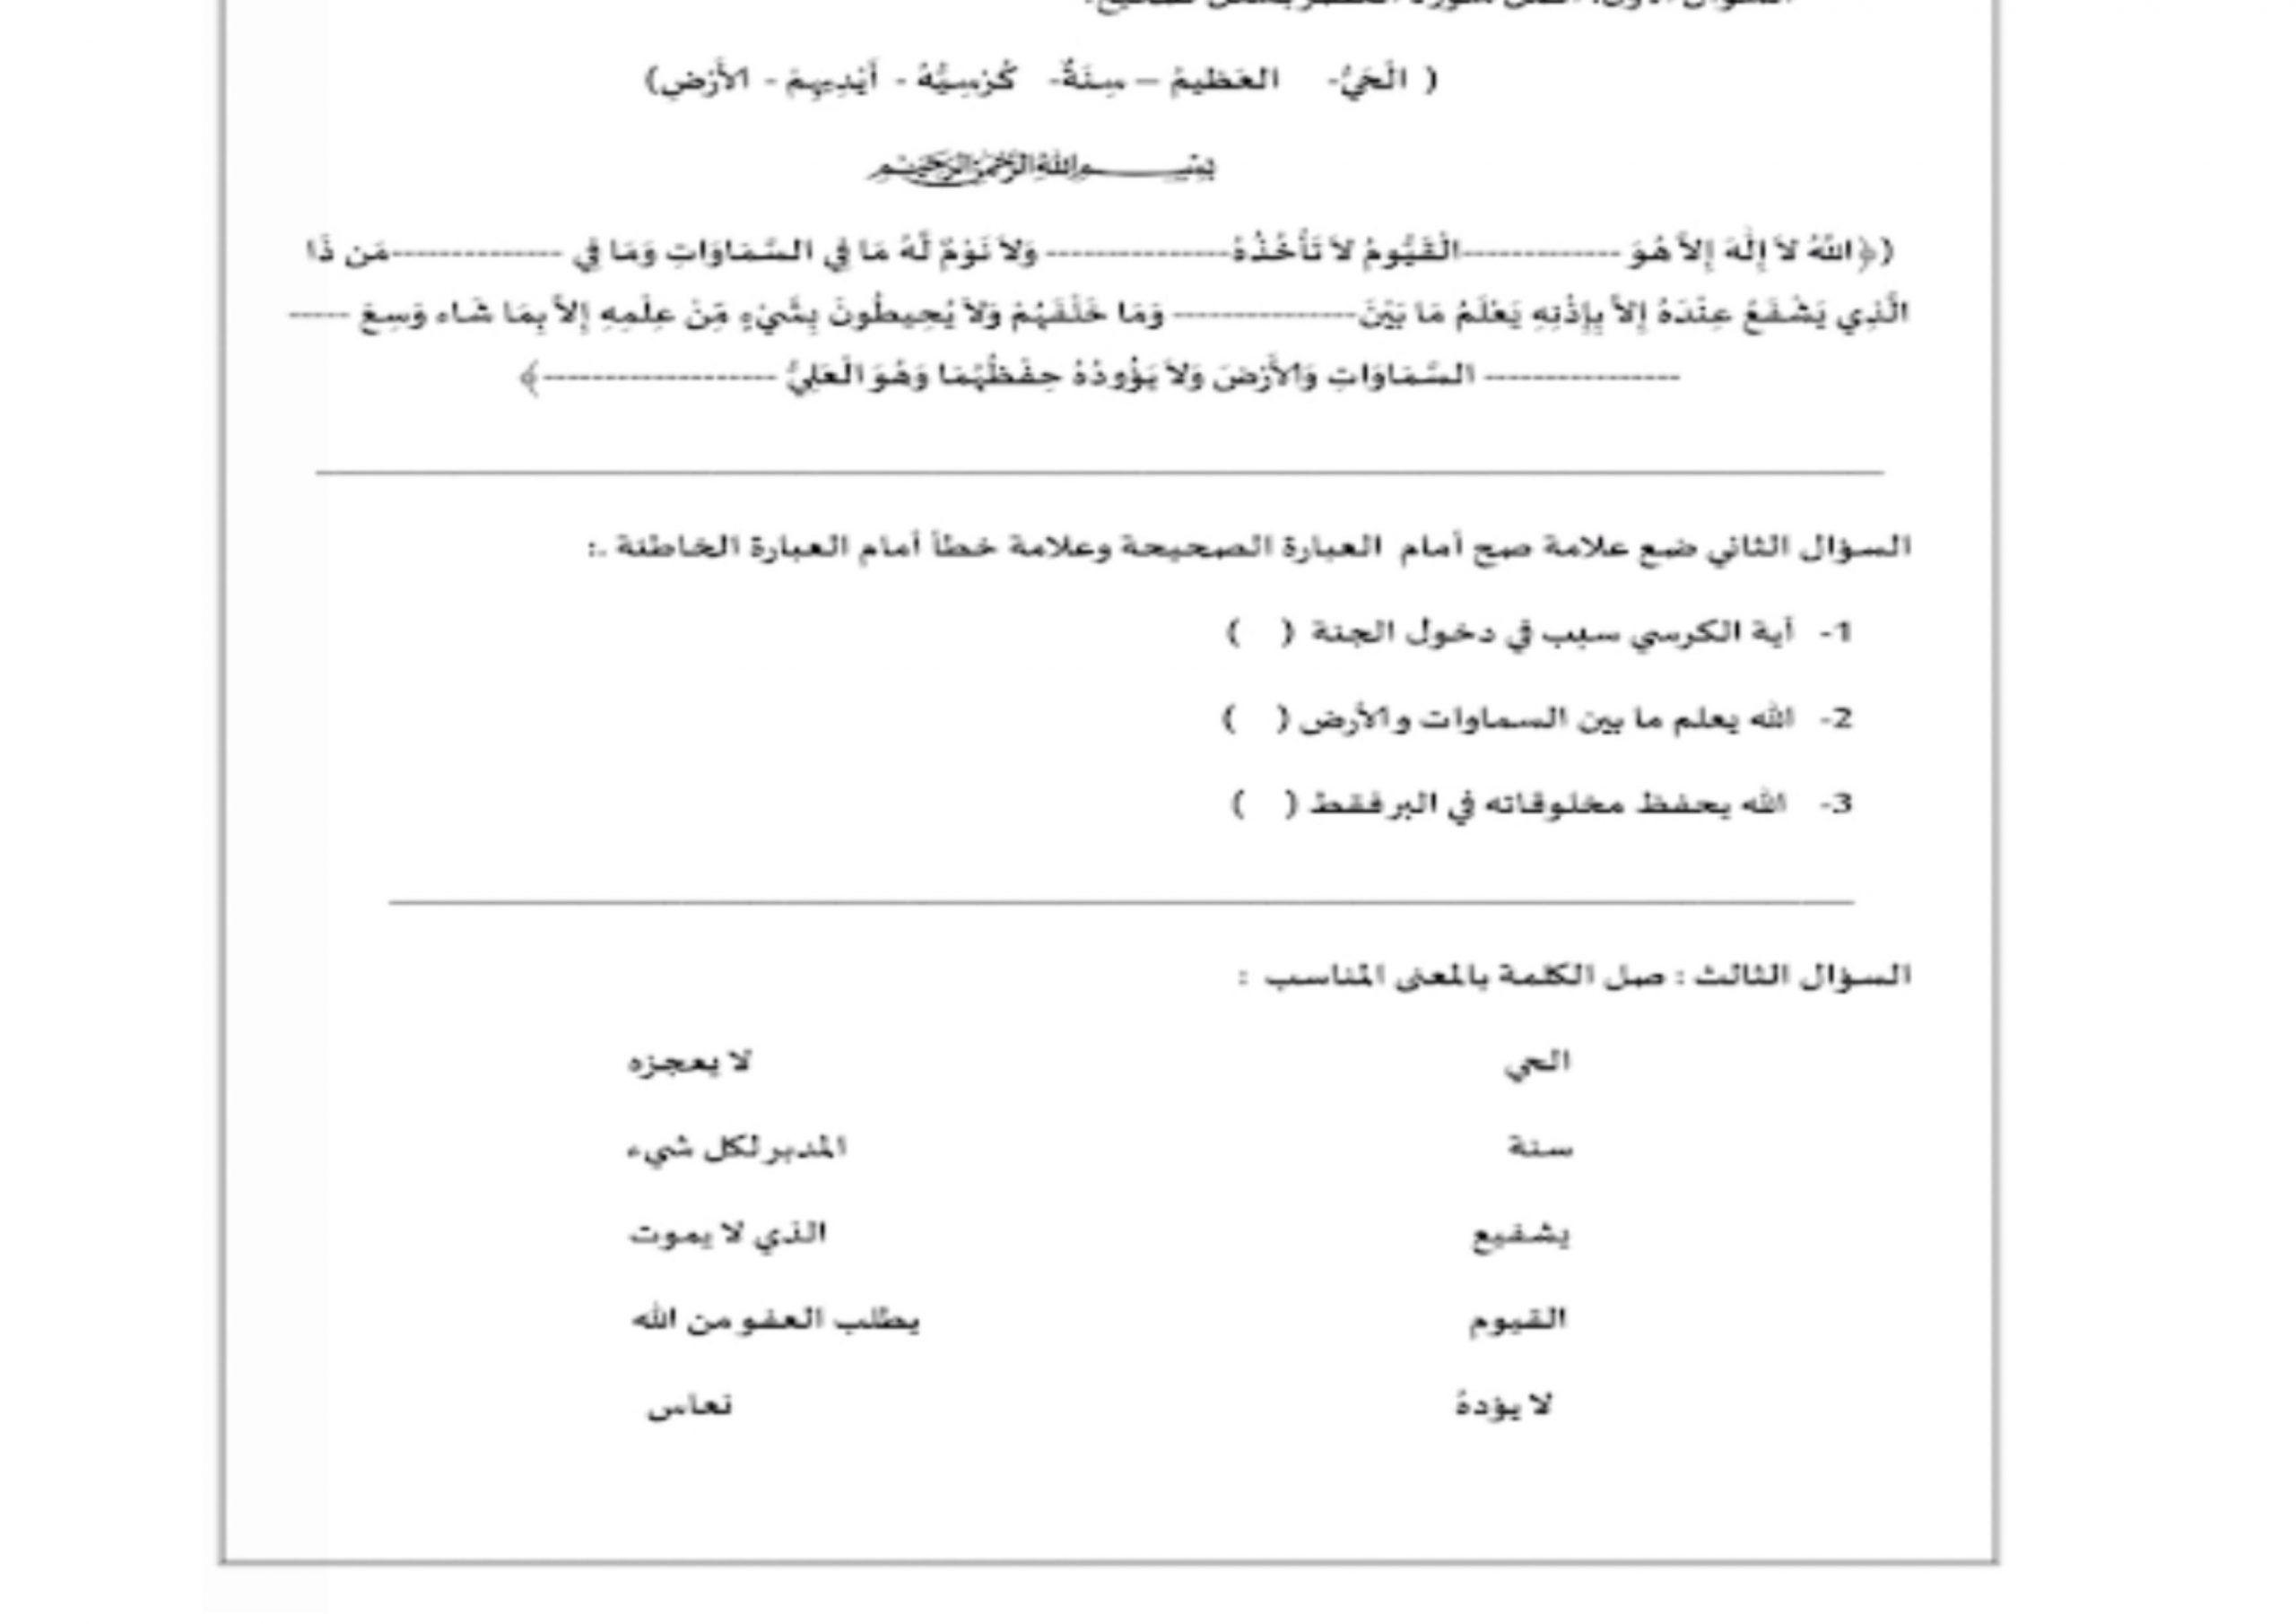 ورقة عمل درس اية الكرسي للصف الثاني مادة التربية الاسلامية